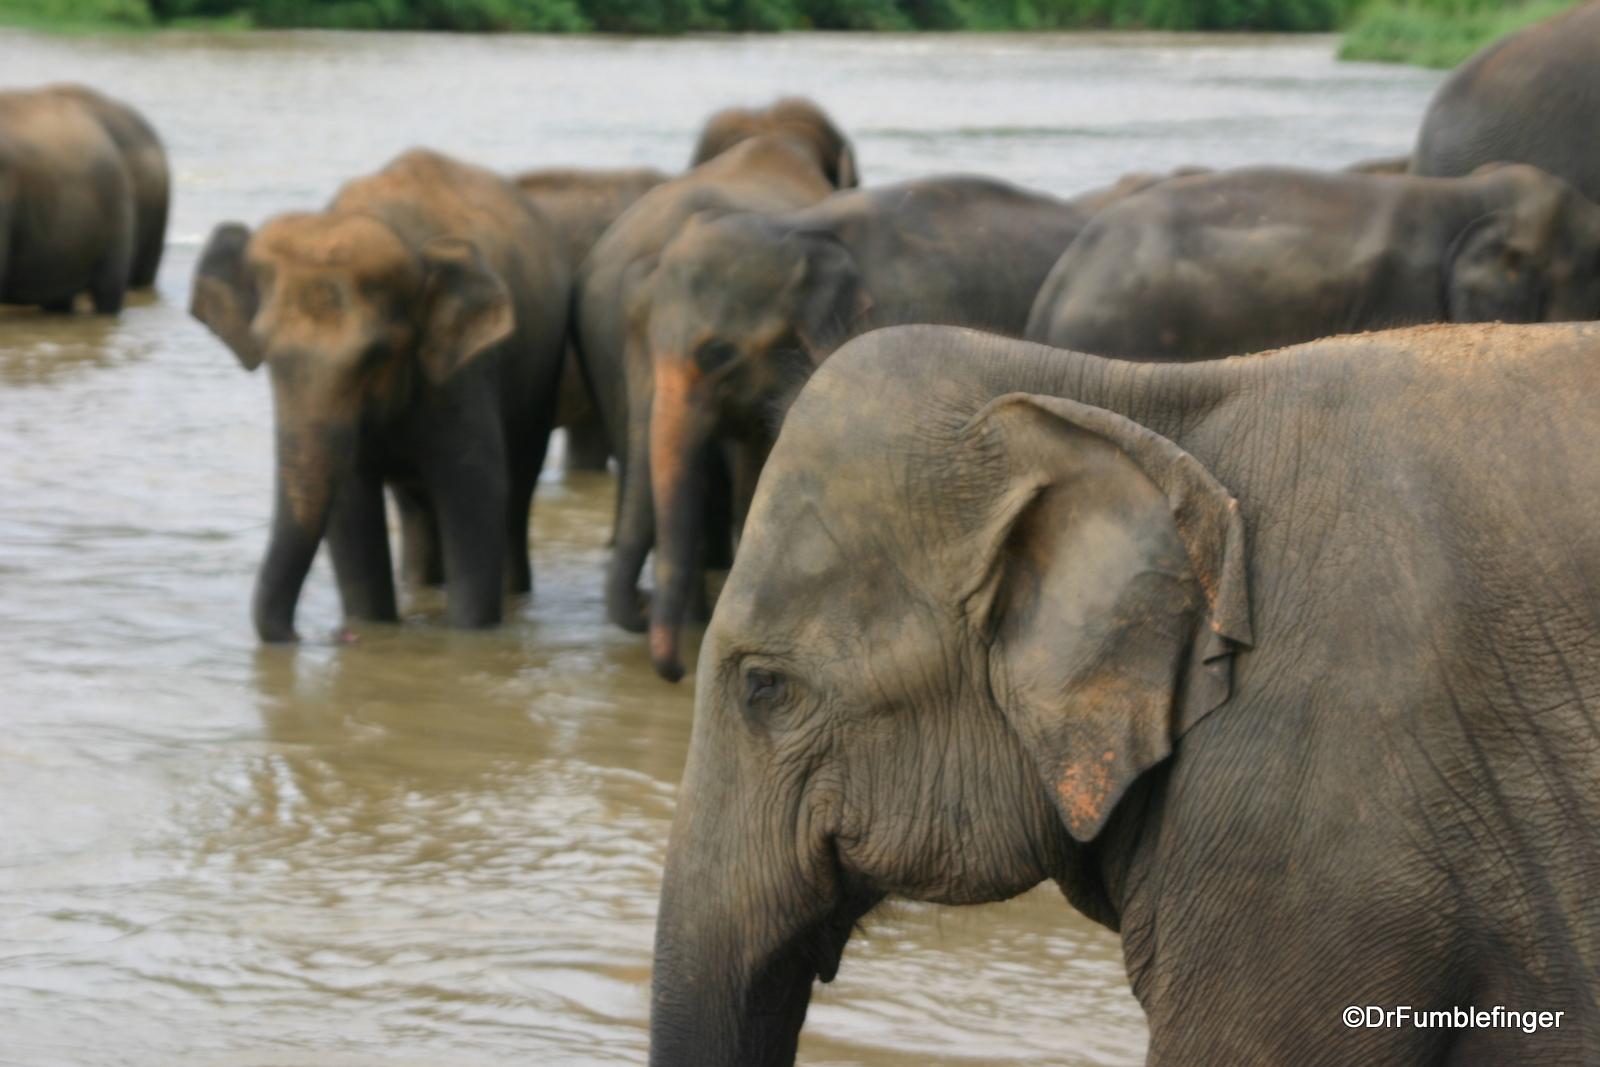 Elephants, Maha Oya River, Pinnawala Elephant Orphanage